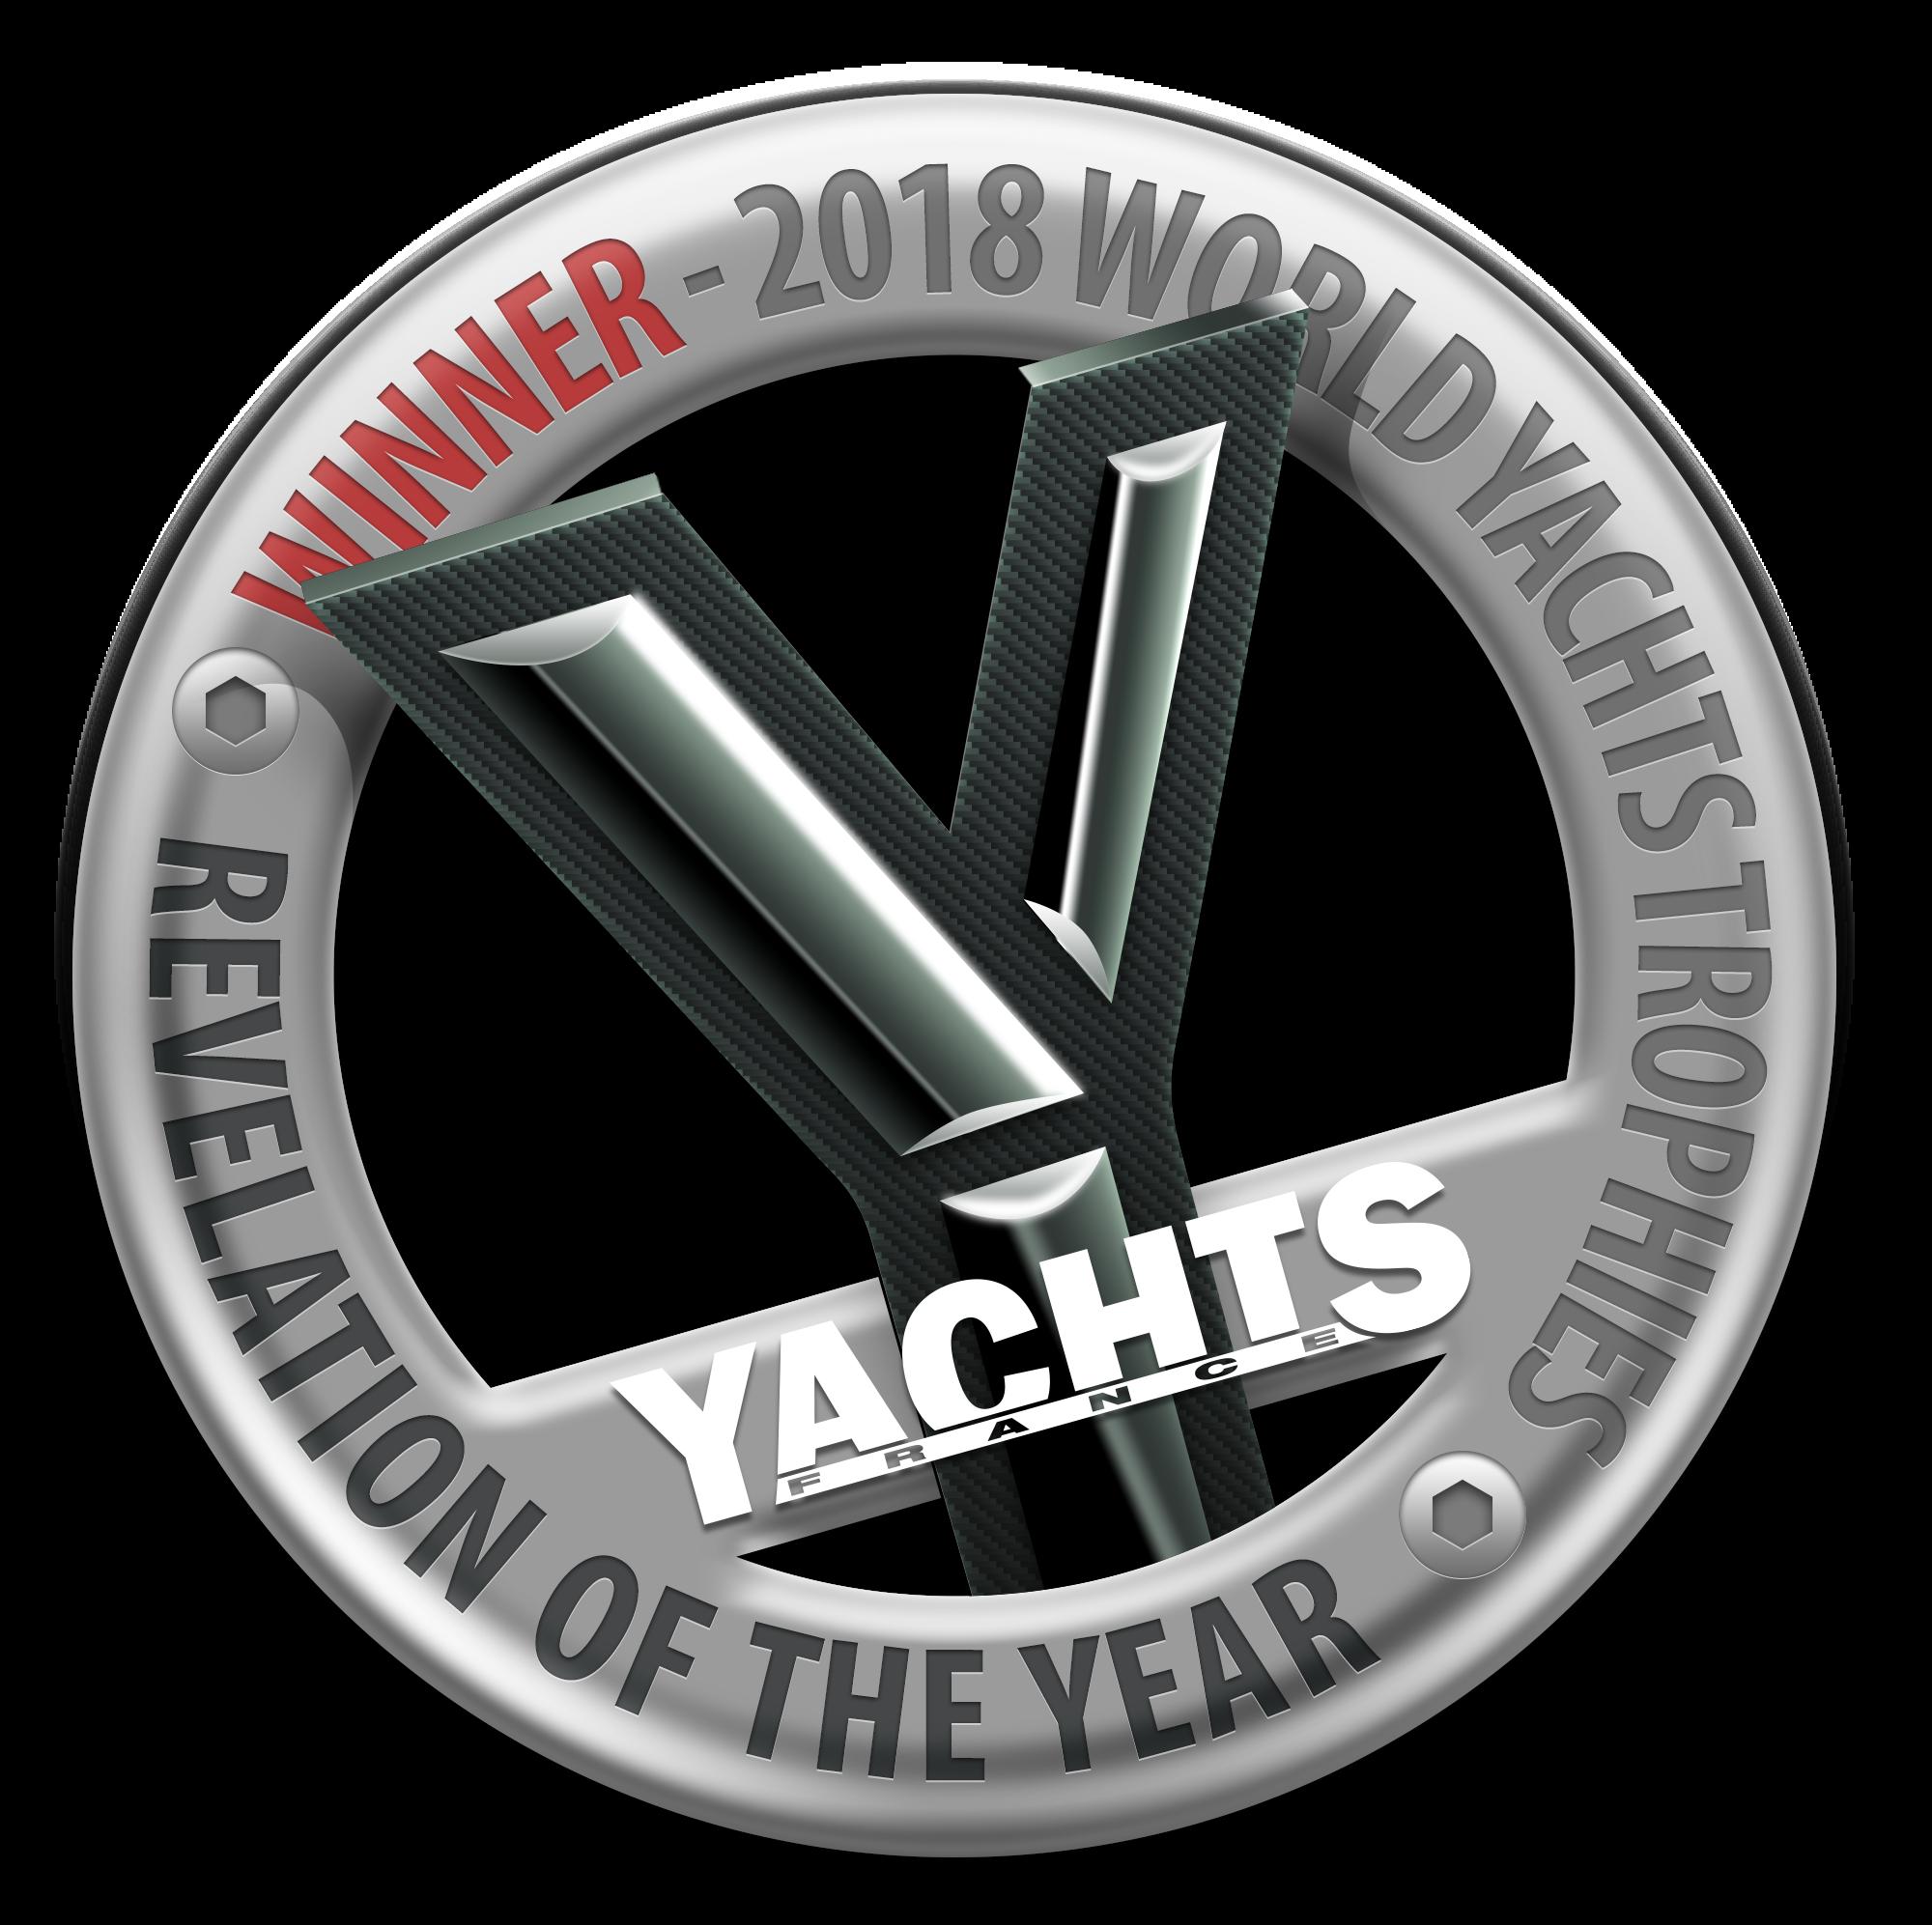 World Yachts Trophies 2018 - Siréna 58 - Révélation de l'année